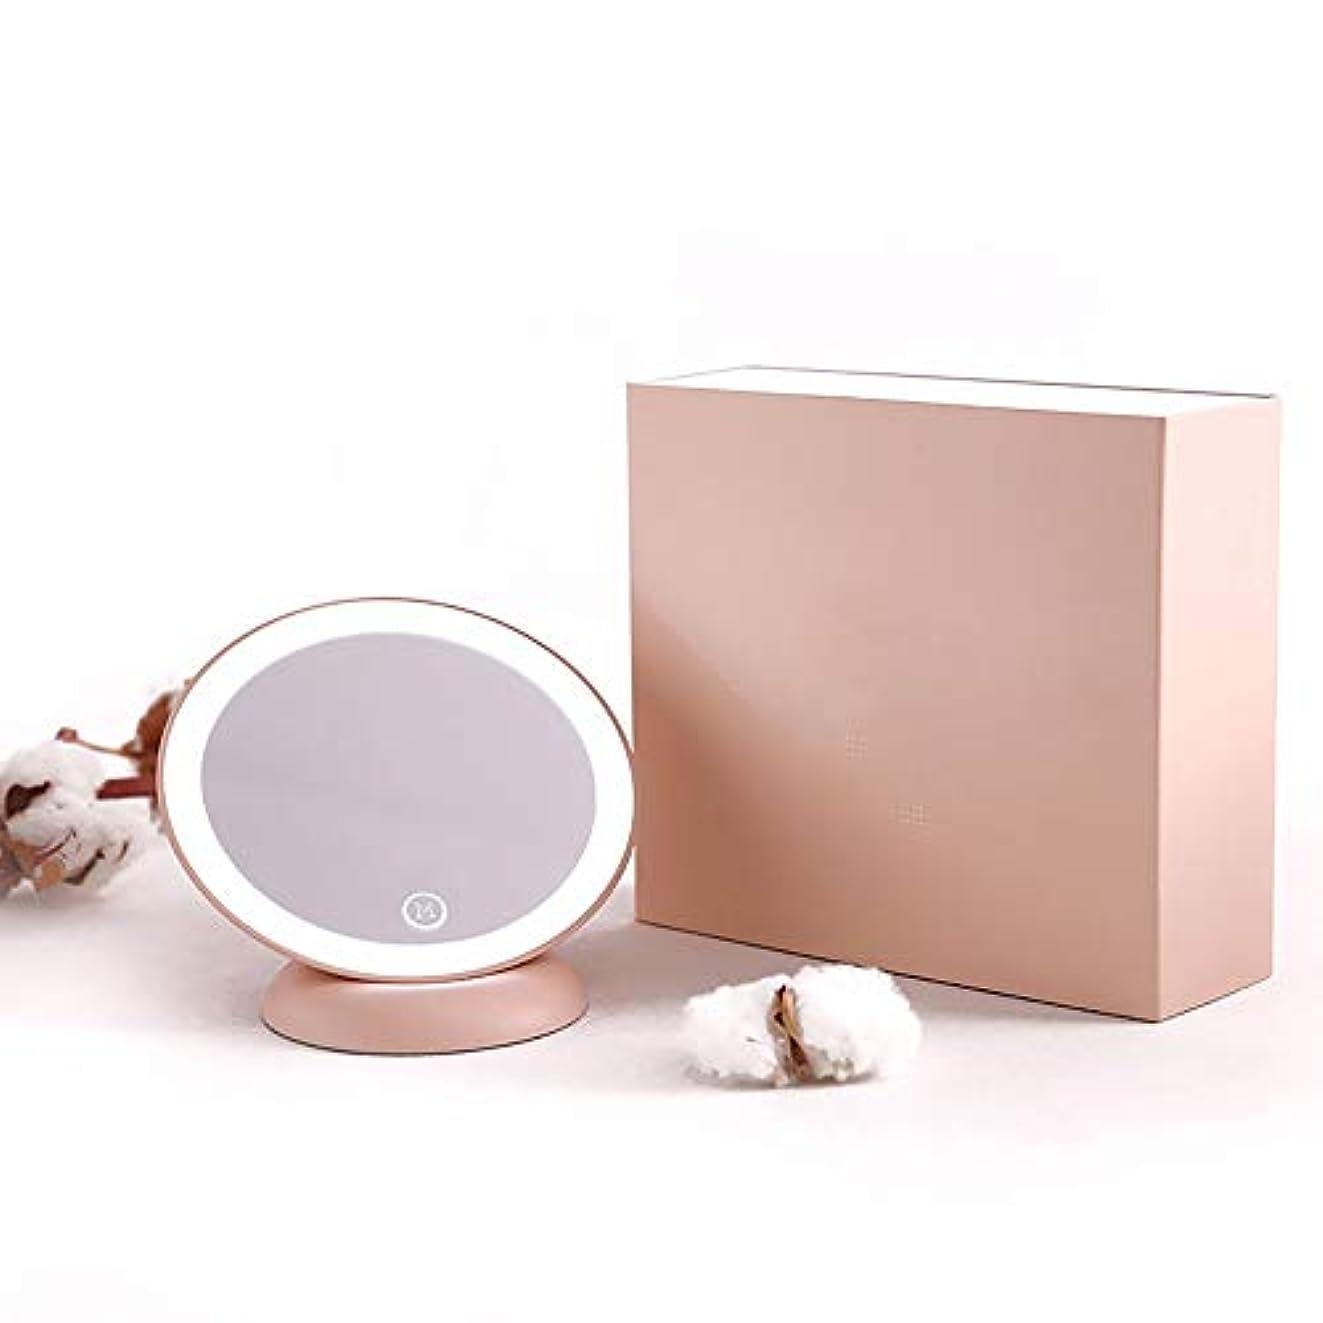 シャワーフラッシュのように素早く幸運流行の 磁石を運ぶ創造的なライト360度回転ピンク1200mAh化粧鏡